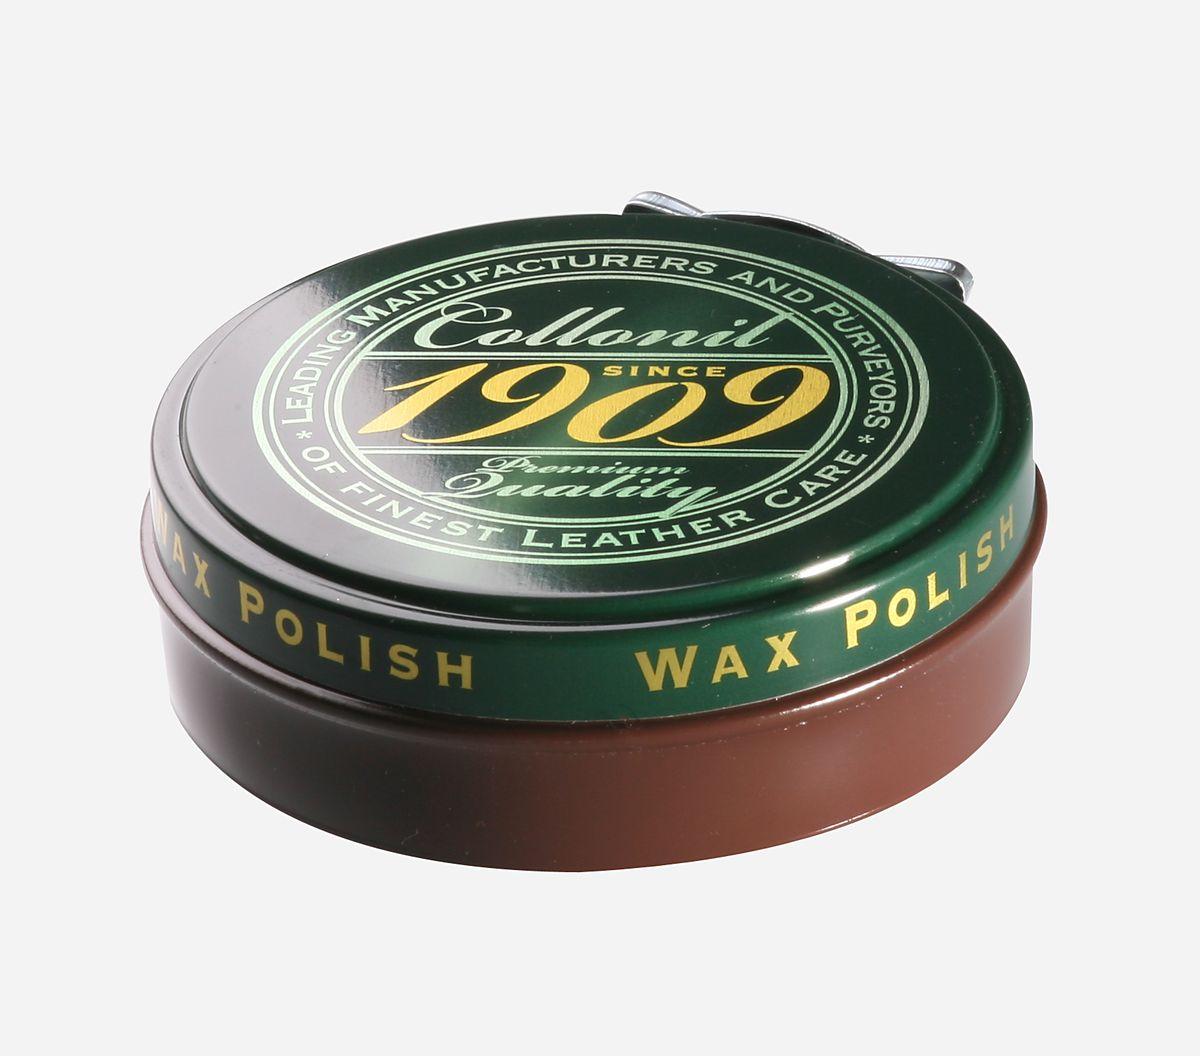 Воск для обуви Collonil Wax Polish, цвет: светло-коричневый, 75 мл6063 313Высококачественный твердый воск Collonil Wax Polish подходит для всех видов гладкой кожи. Комплексное сочетание шести видов восков, в том числе натурального пчелиного воска, насыщает кожу питательными веществами, заботится о сохранении ее качества и ухоженного внешнего вида. После полировки придает обуви роскошный блеск и сияние. Применяется для финишной обработки изделия.Объем: 75 мл. Товар сертифицирован.